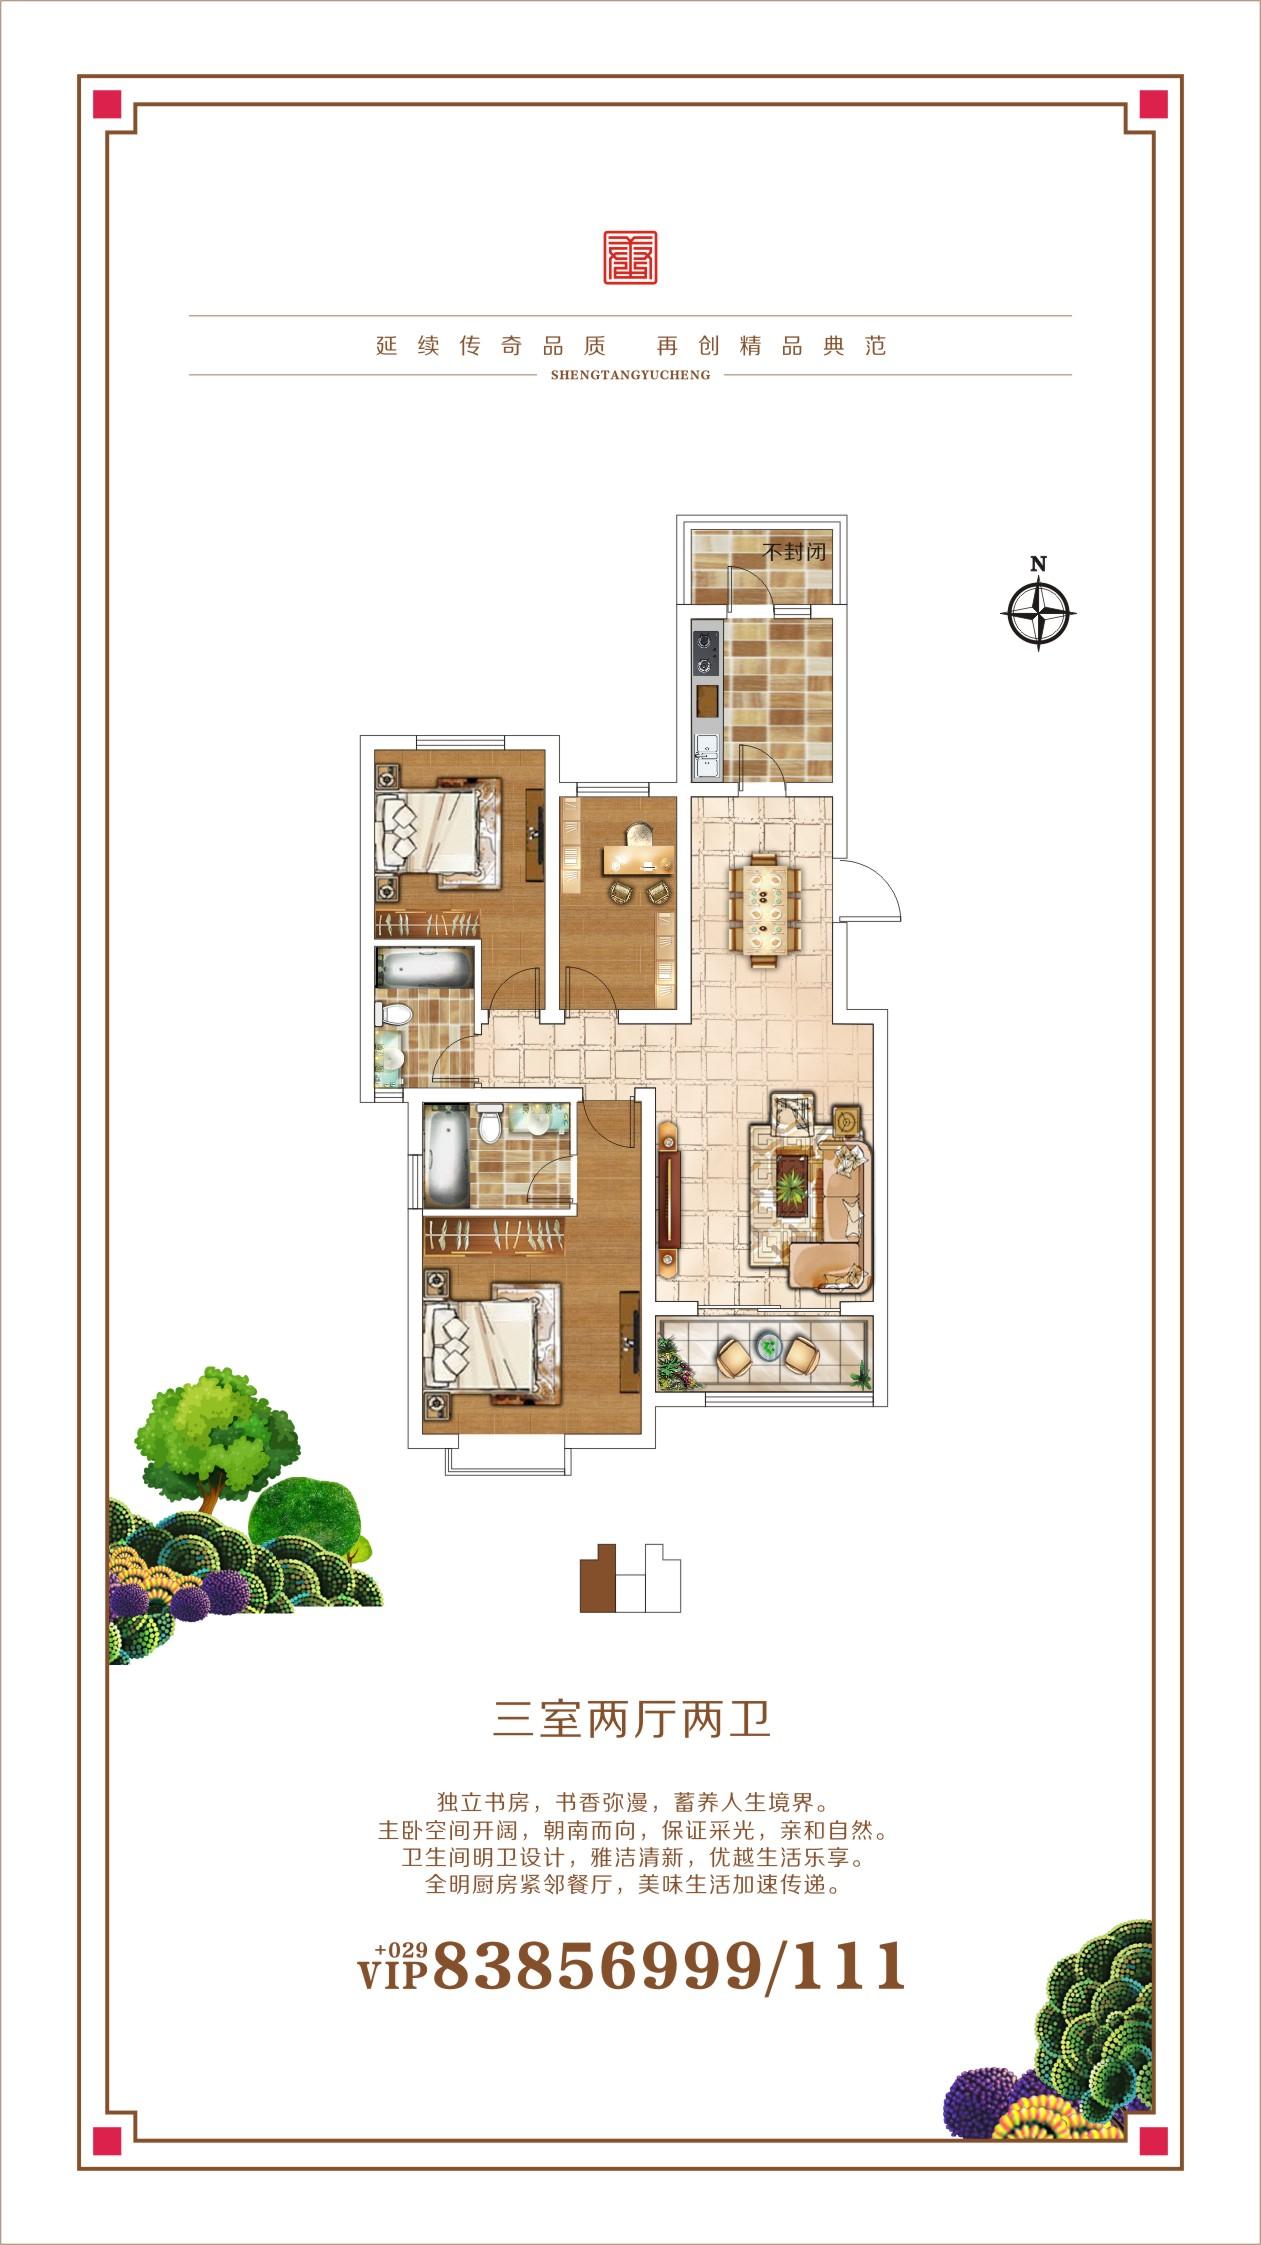 盛唐毓城 3室123平米 95万元 总高11层